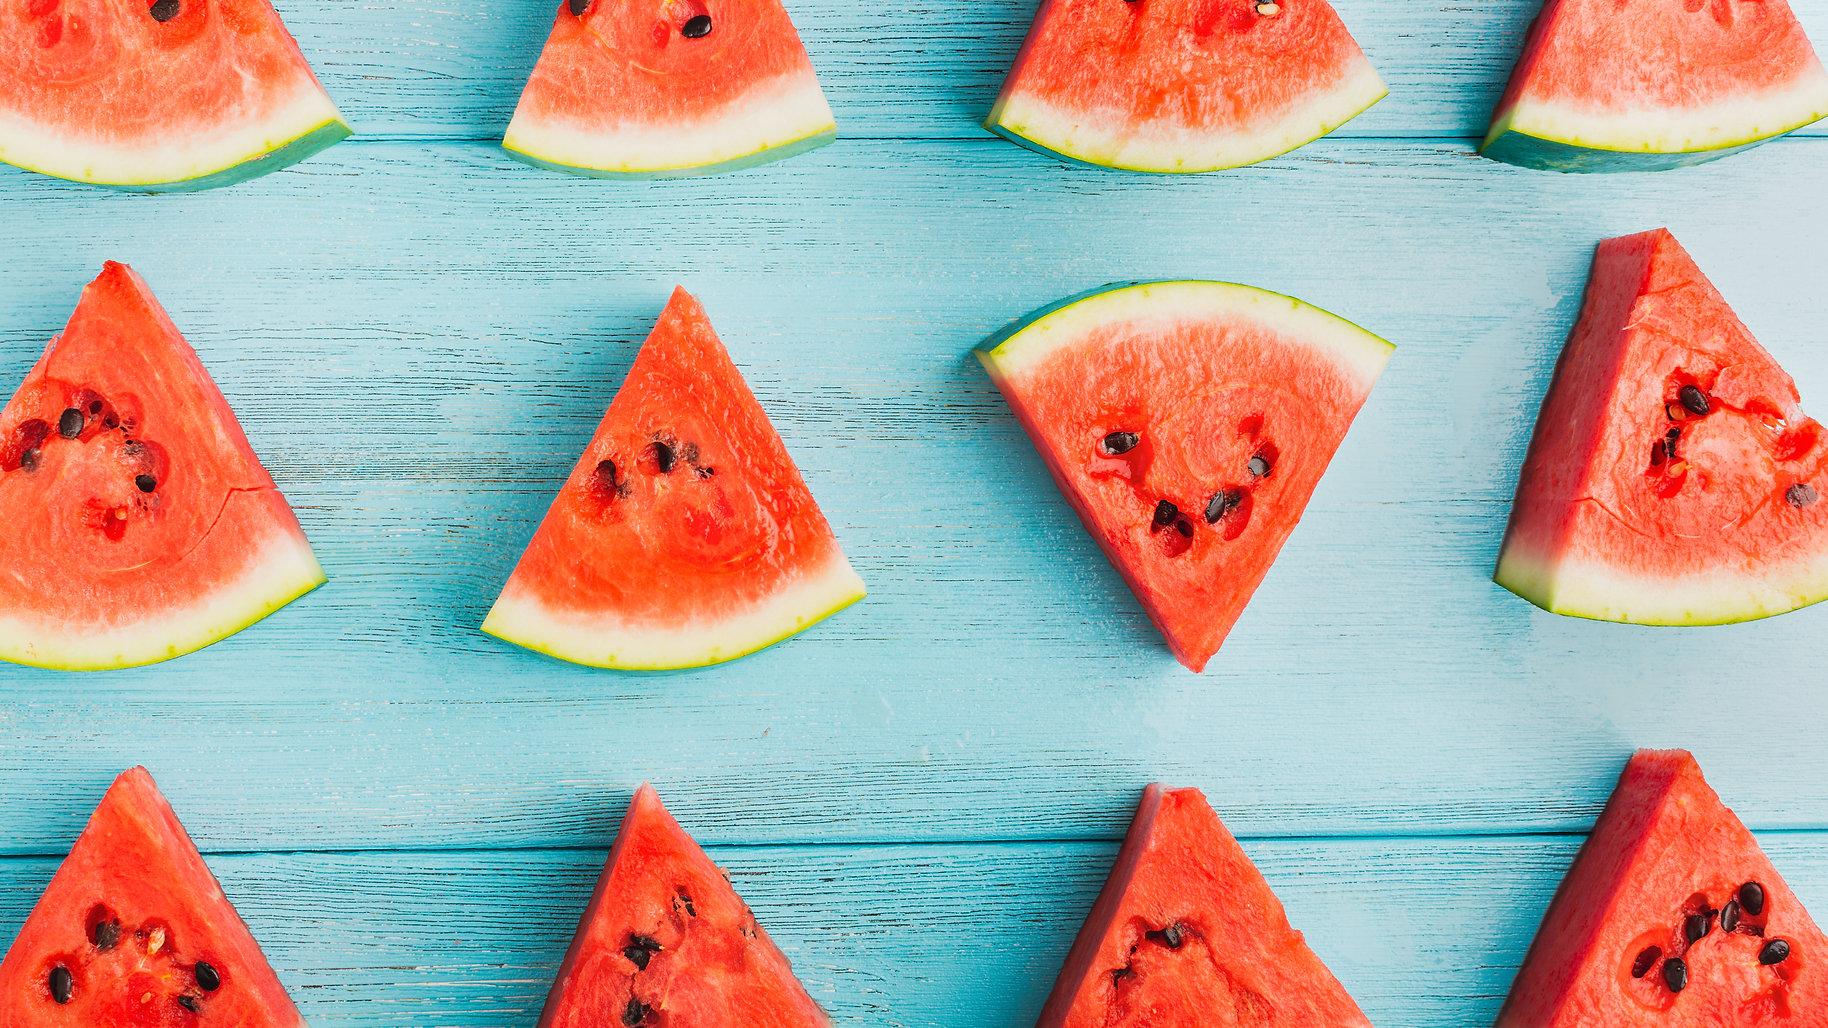 2020-07-31-Watermelon-1723.jpg